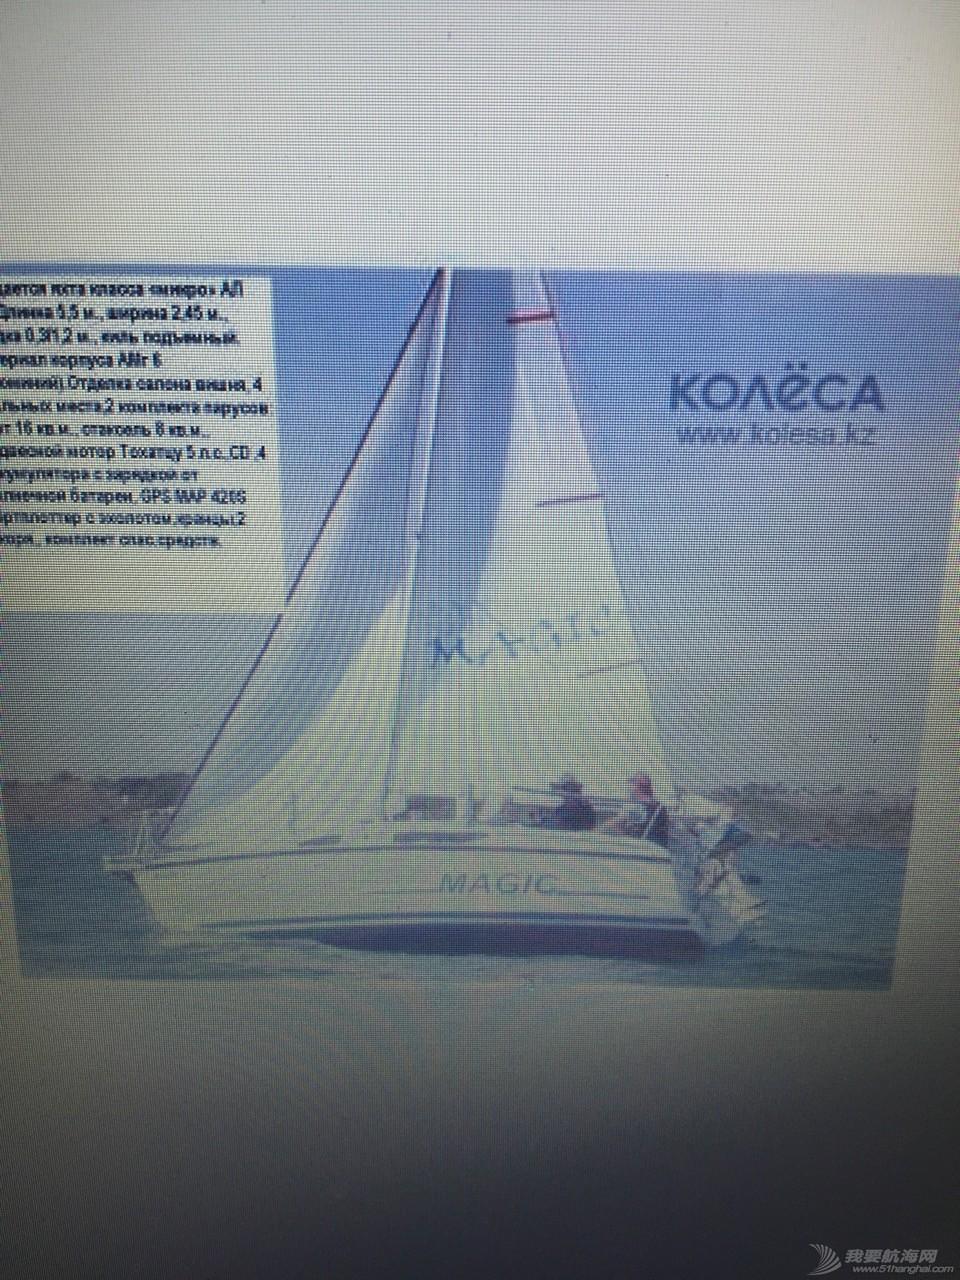 俄罗斯,卫生间,铝合金,厨房,帆船 俄罗斯铝合金AL5.5米、铝合金升降龙骨、带卫生间厨房帆船!